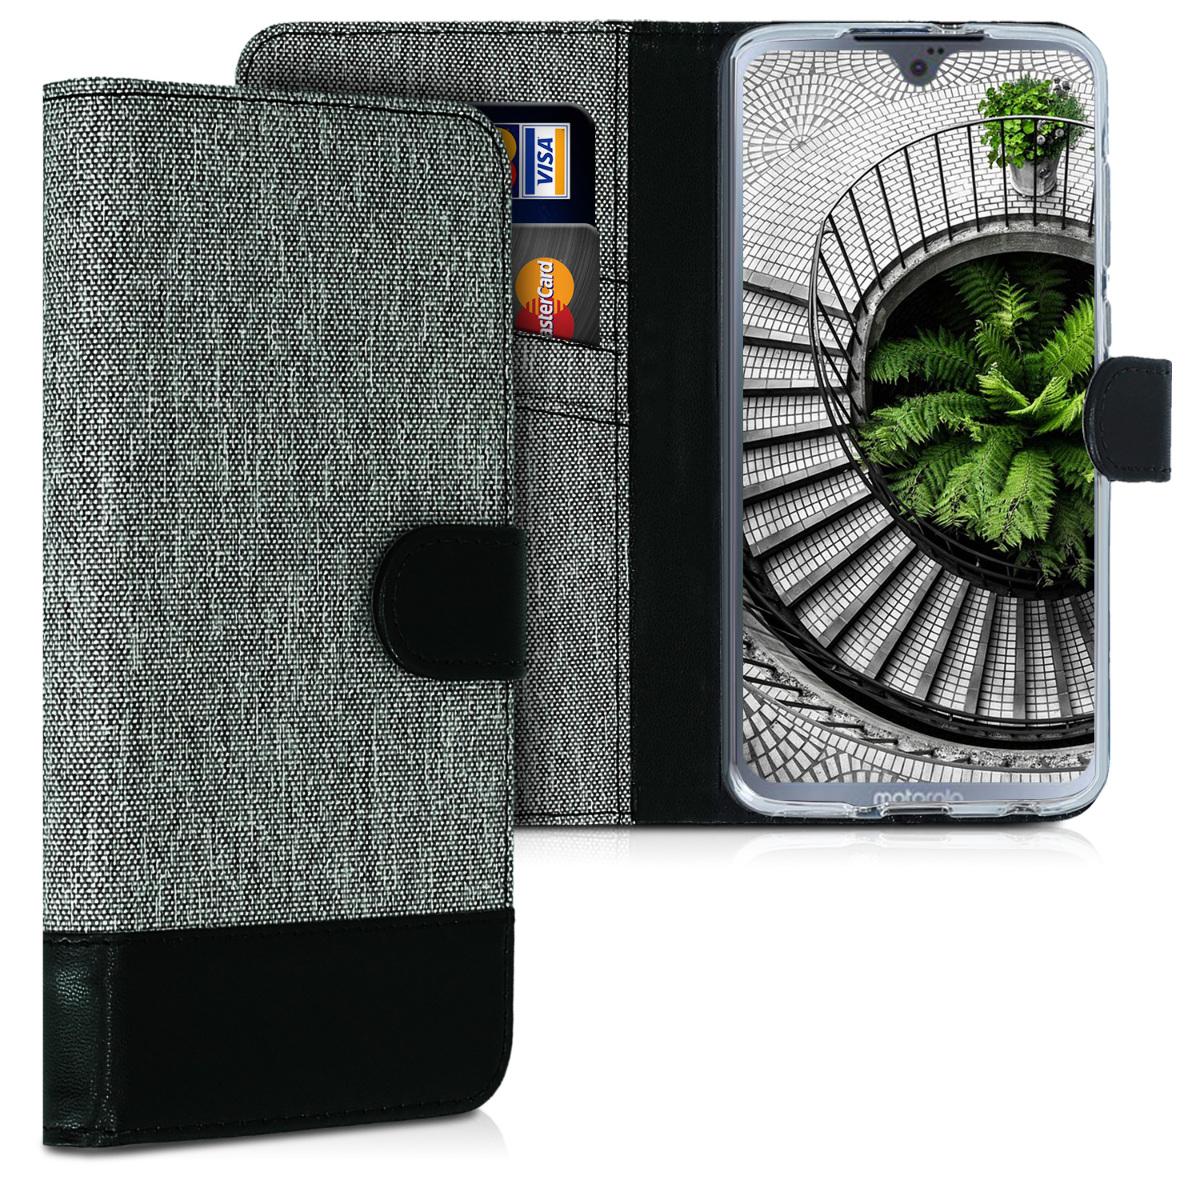 Textilní látkové pouzdro | obal pro Motorola Moto G7 / Moto G7 Plus - Šedá / černá